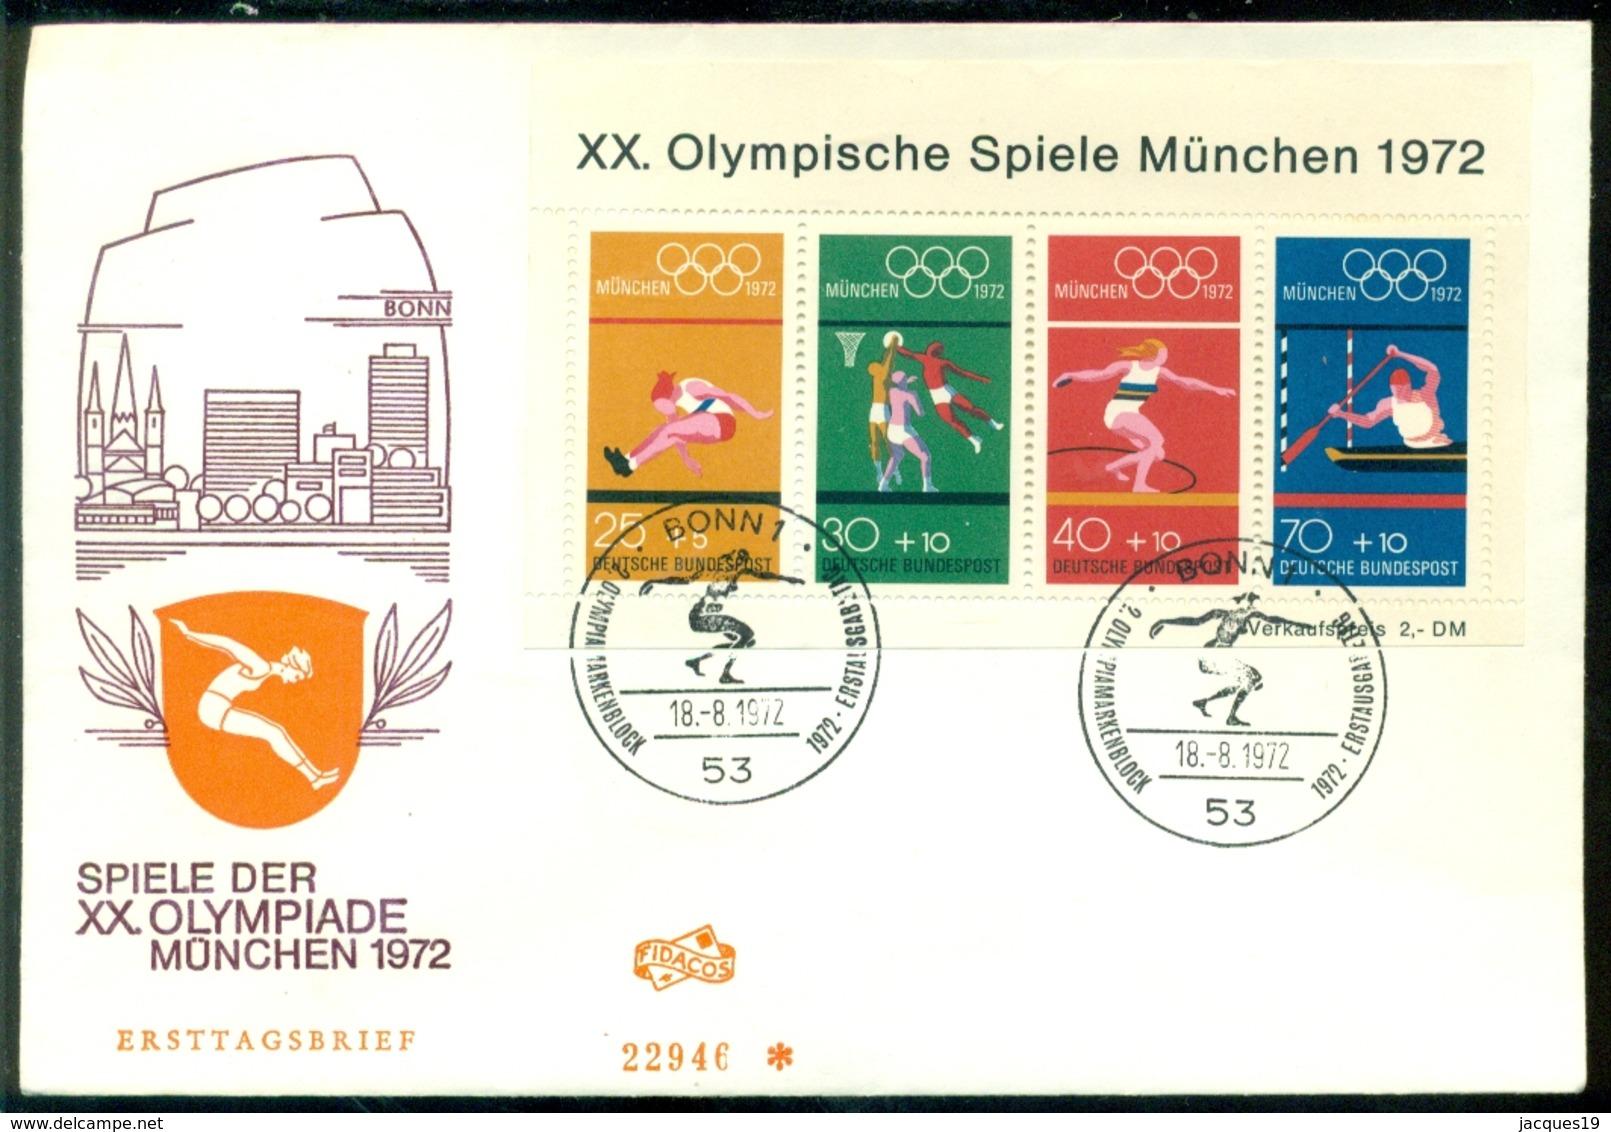 Deutschland 1972 FDC Olympische Spiele München Block Mi 8 - FDC: Covers